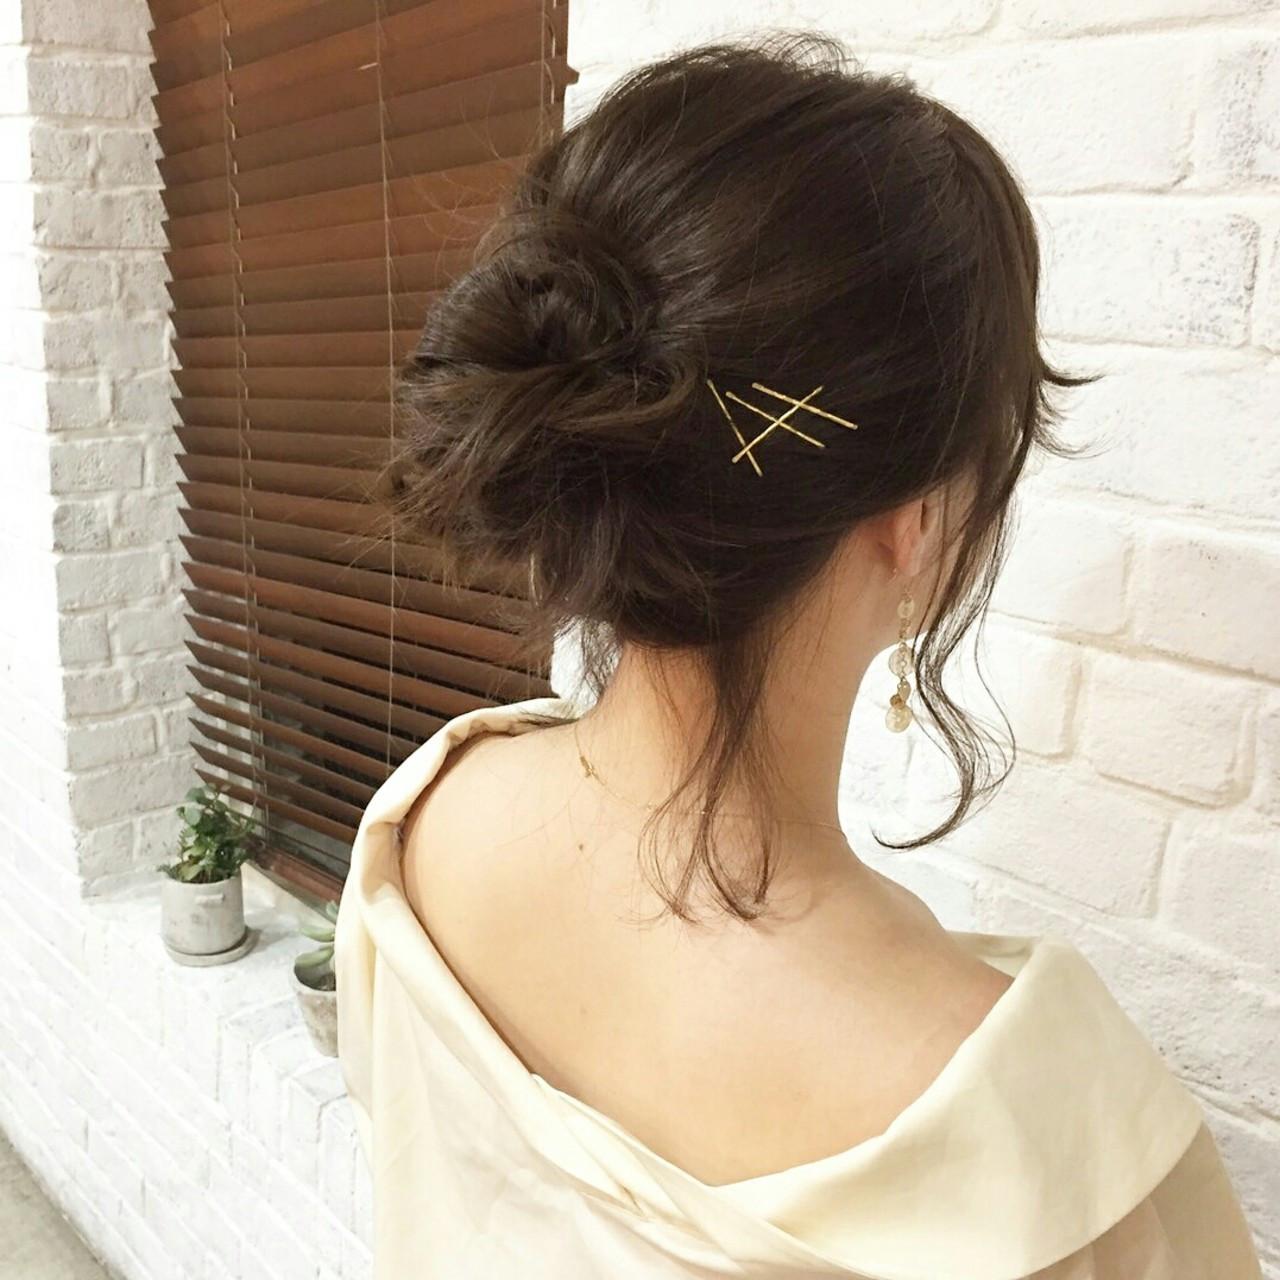 ミディアム フェミニン 抜け感 お団子 ヘアスタイルや髪型の写真・画像